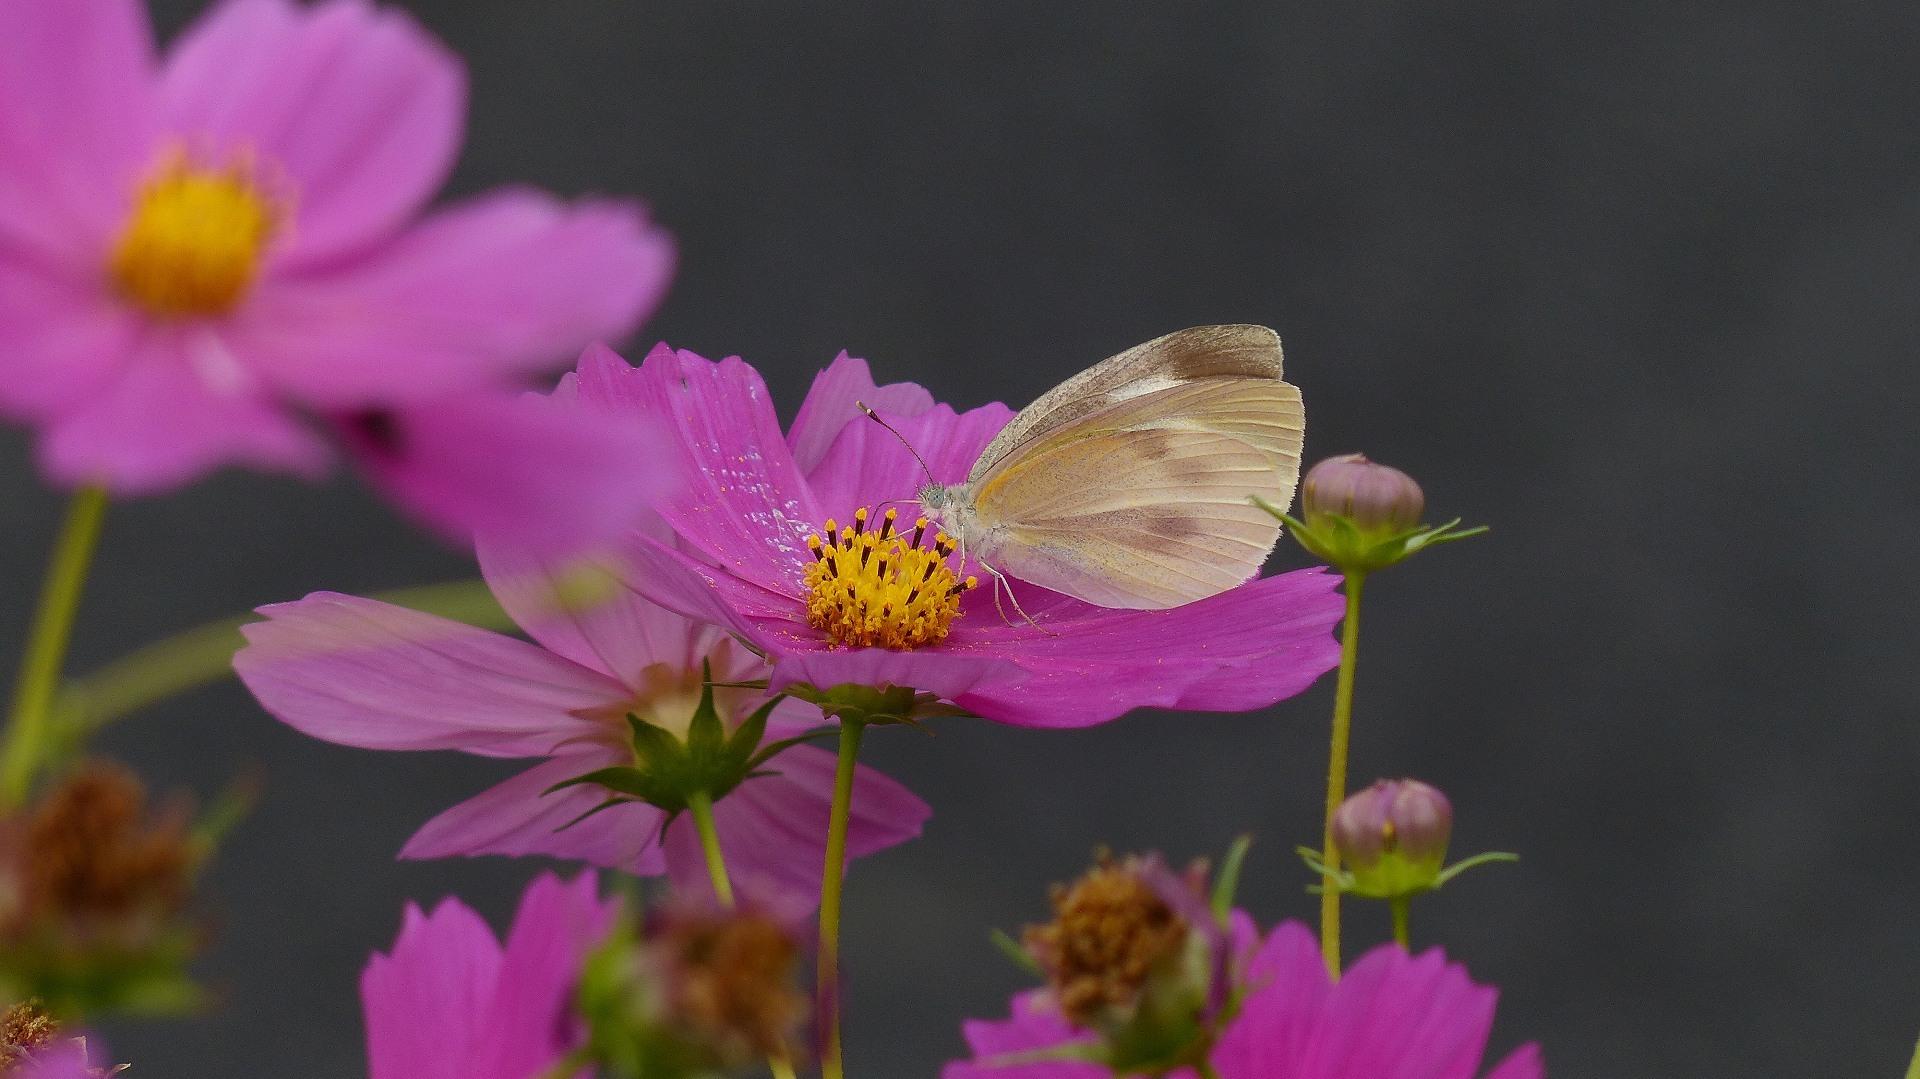 秋桜に恋してる_a0185081_11375642.jpg